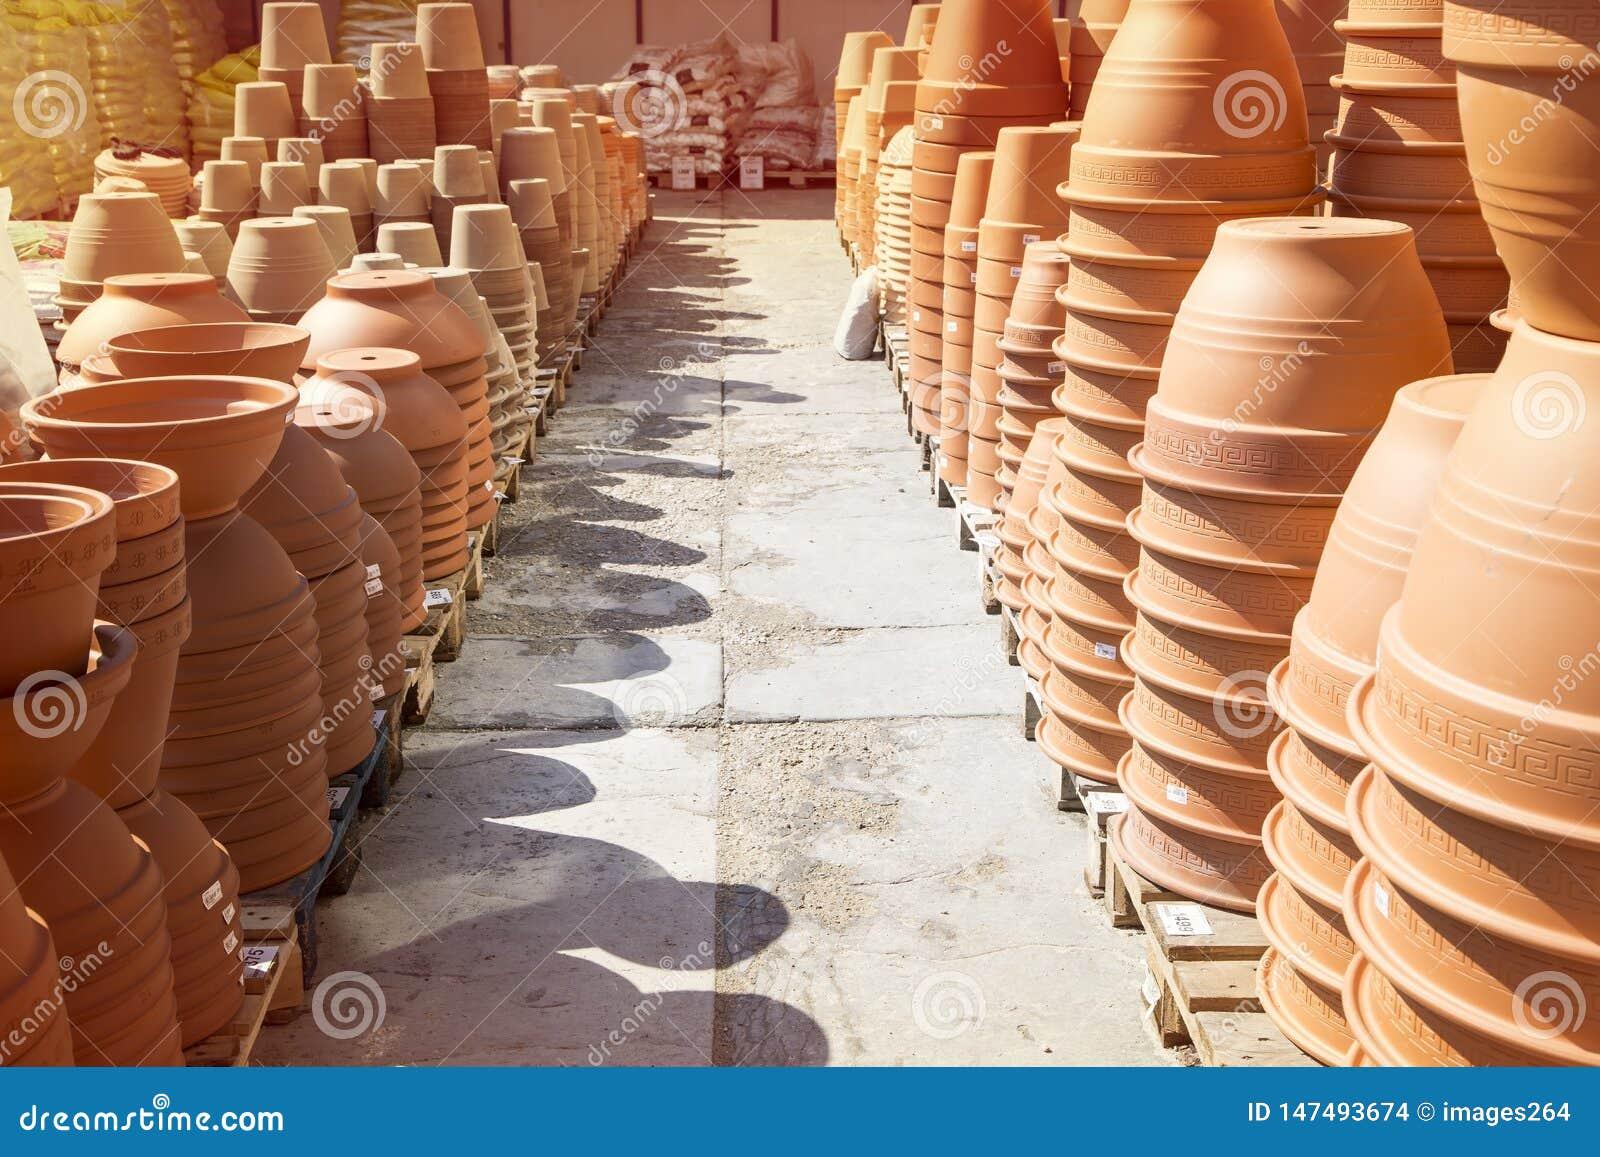 Bacs potables asiatiques